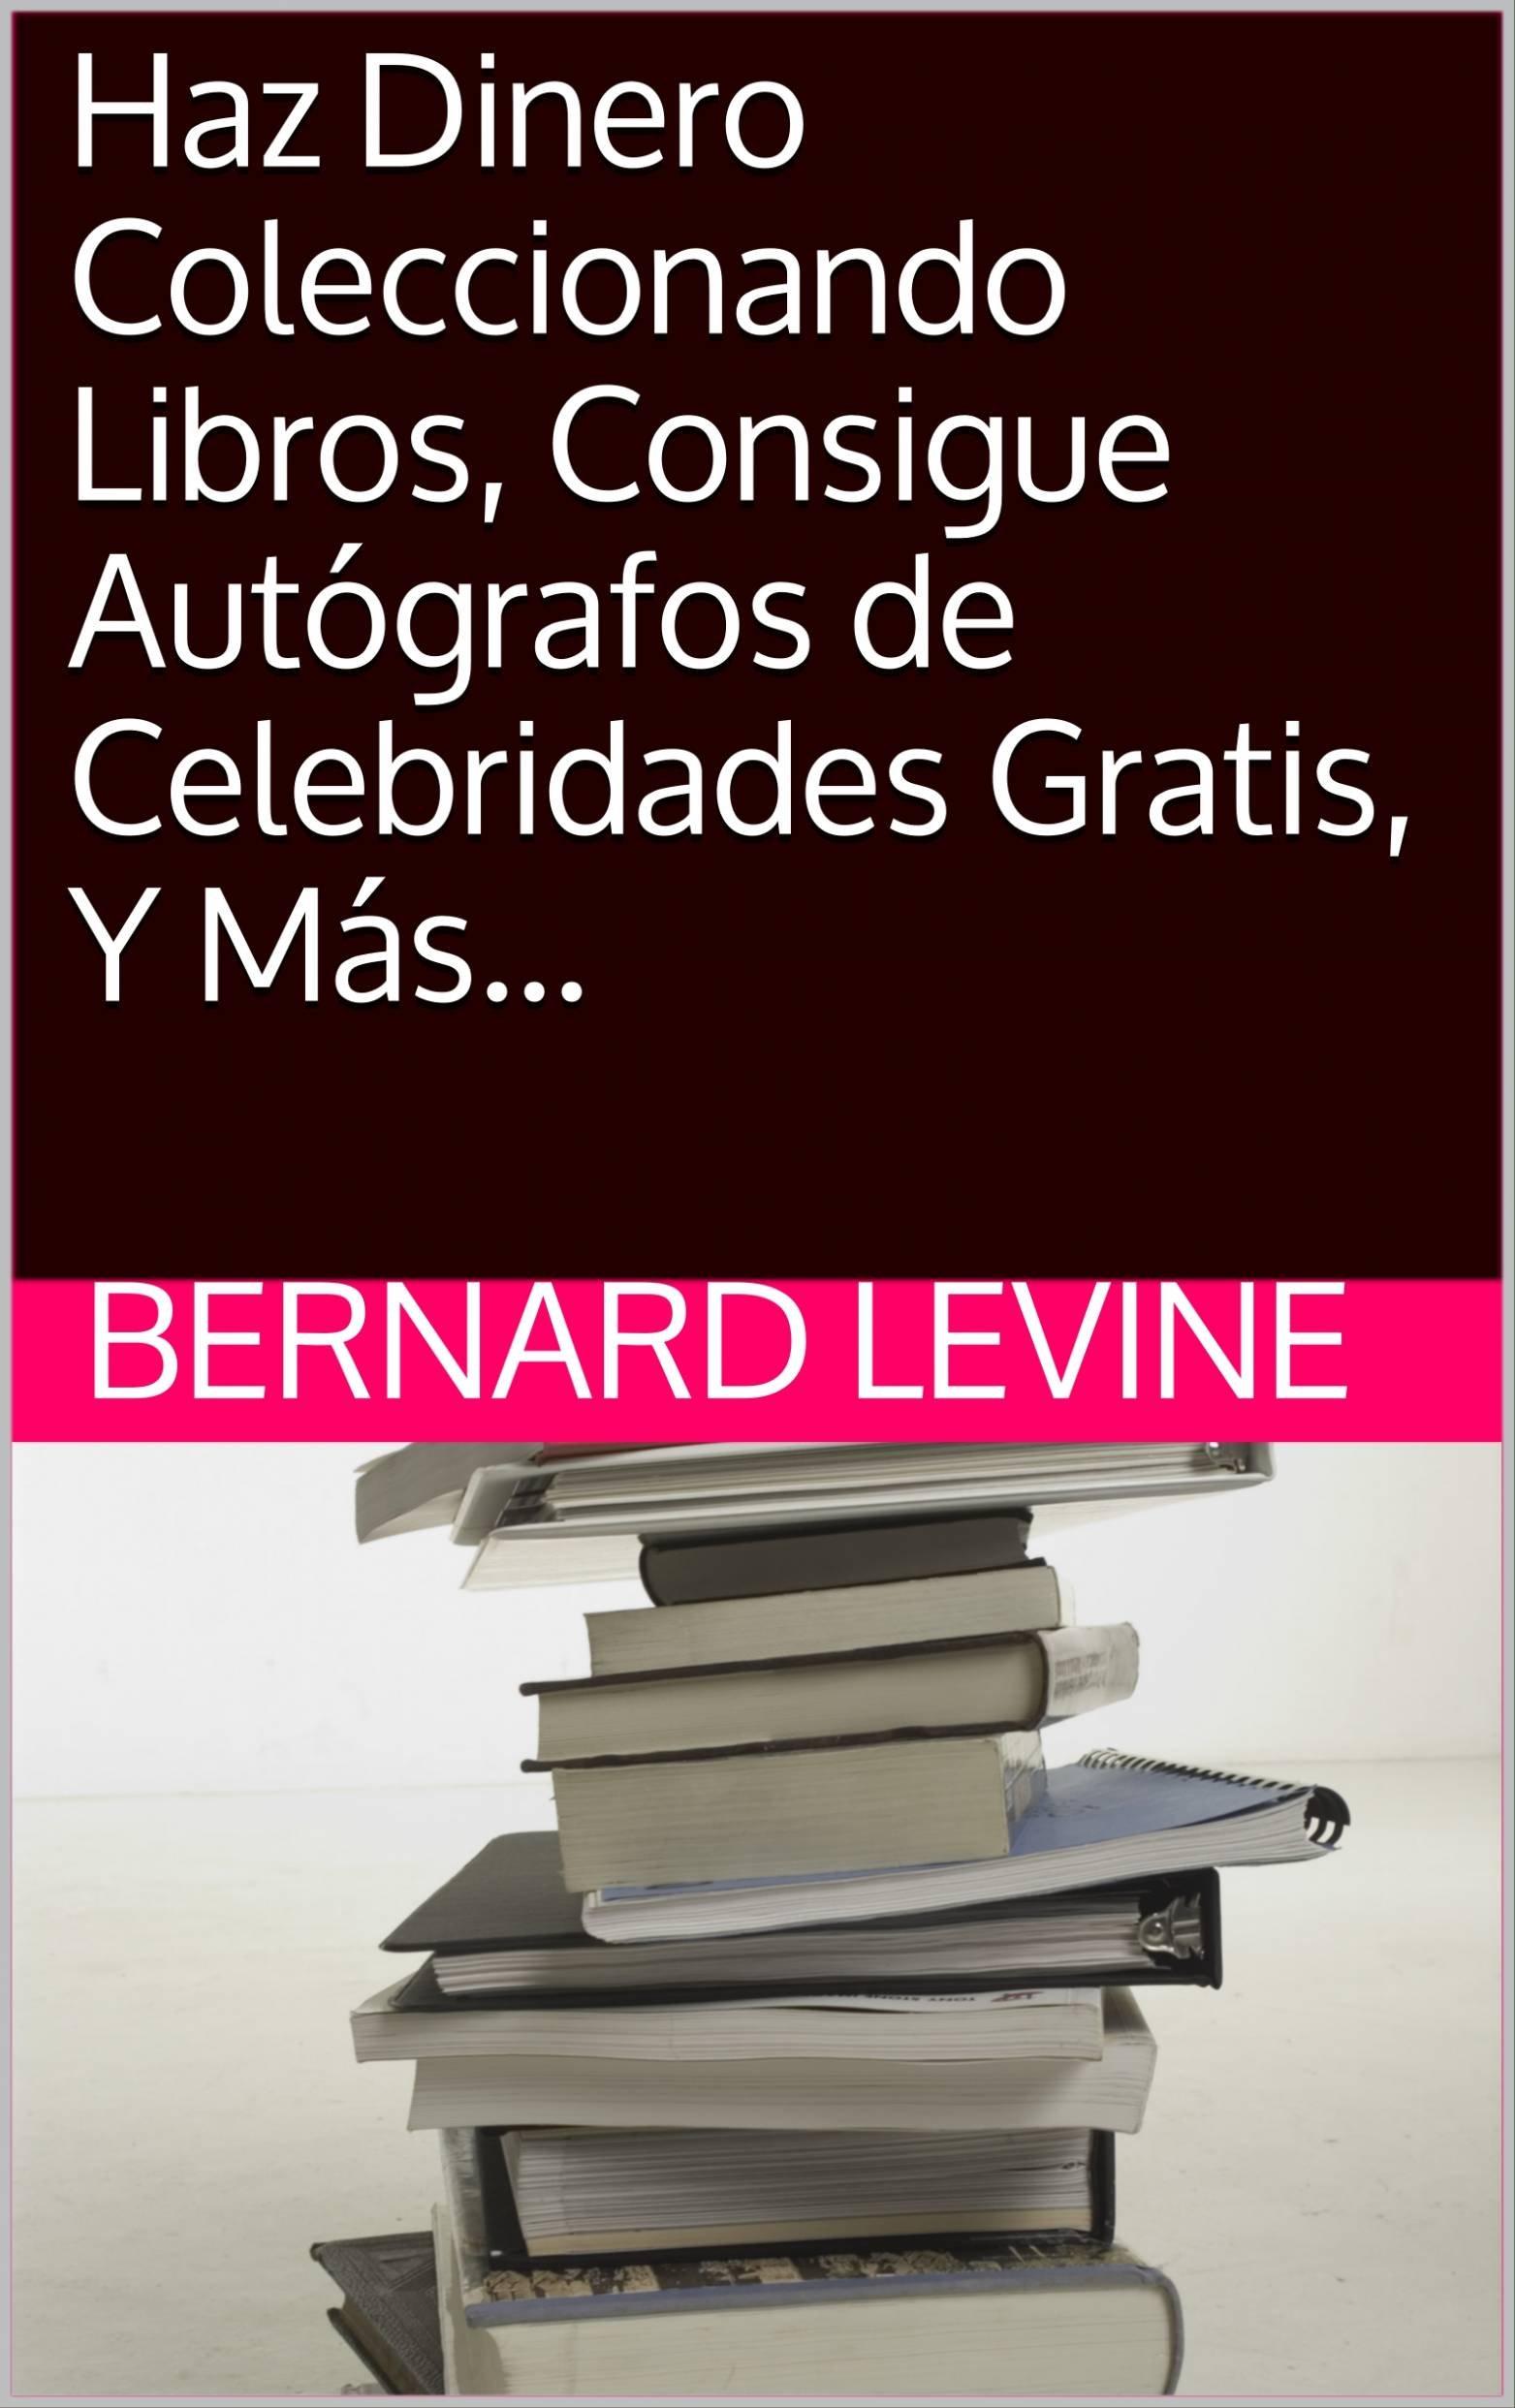 Haz Dinero Coleccionando Libros Consigue Autógrafos de Celebridades Gratis Y Más... (Spanish Edition)